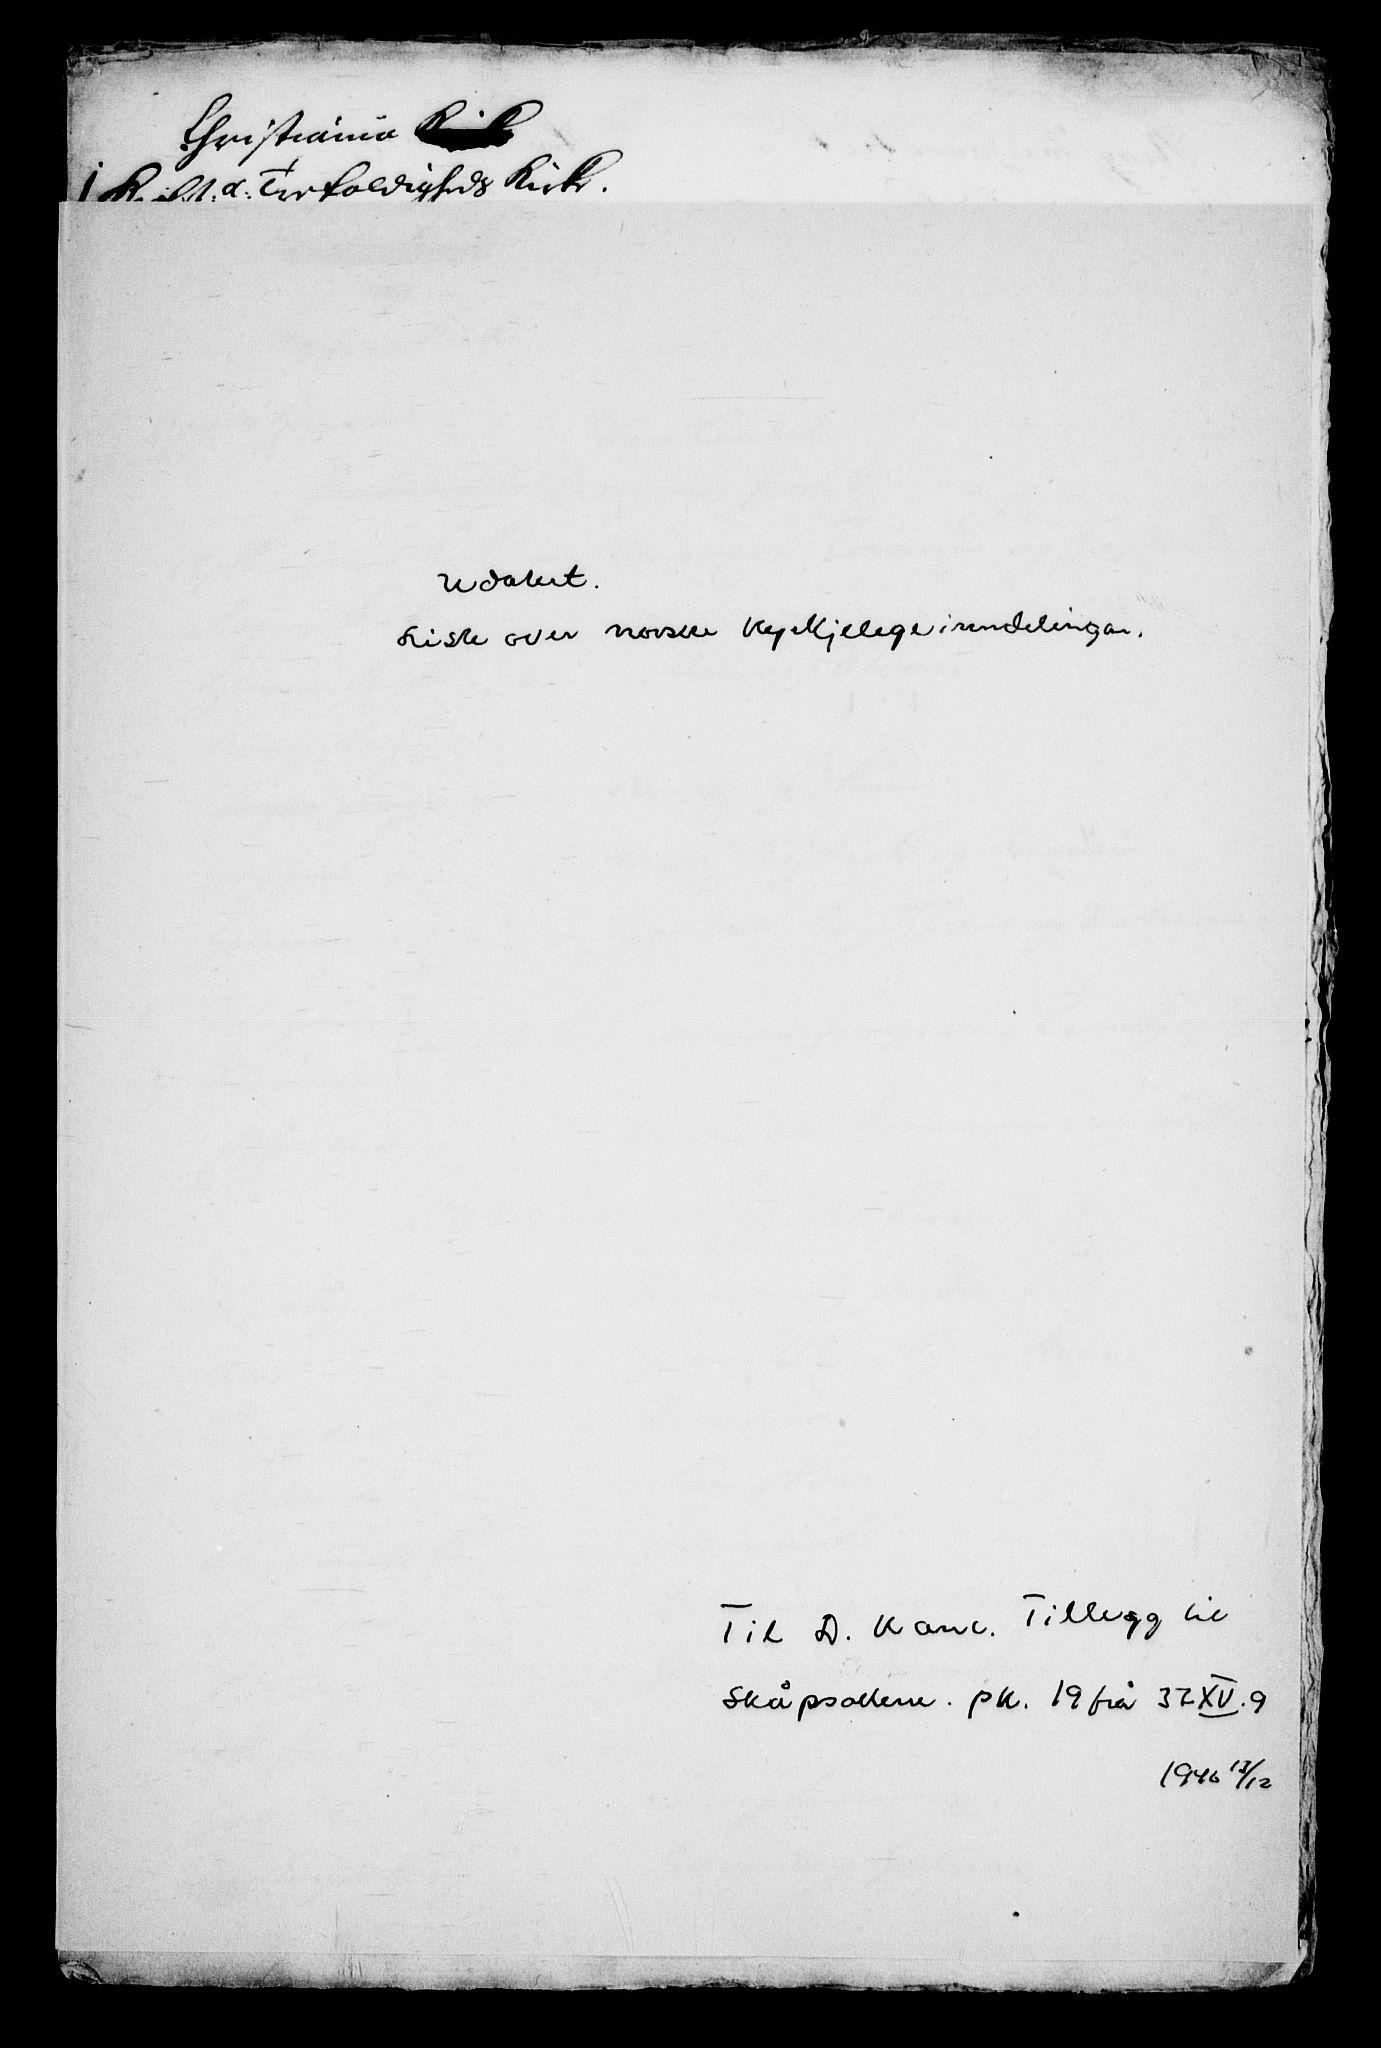 RA, Danske Kanselli, Skapsaker, G/L0019: Tillegg til skapsakene, 1616-1753, p. 320